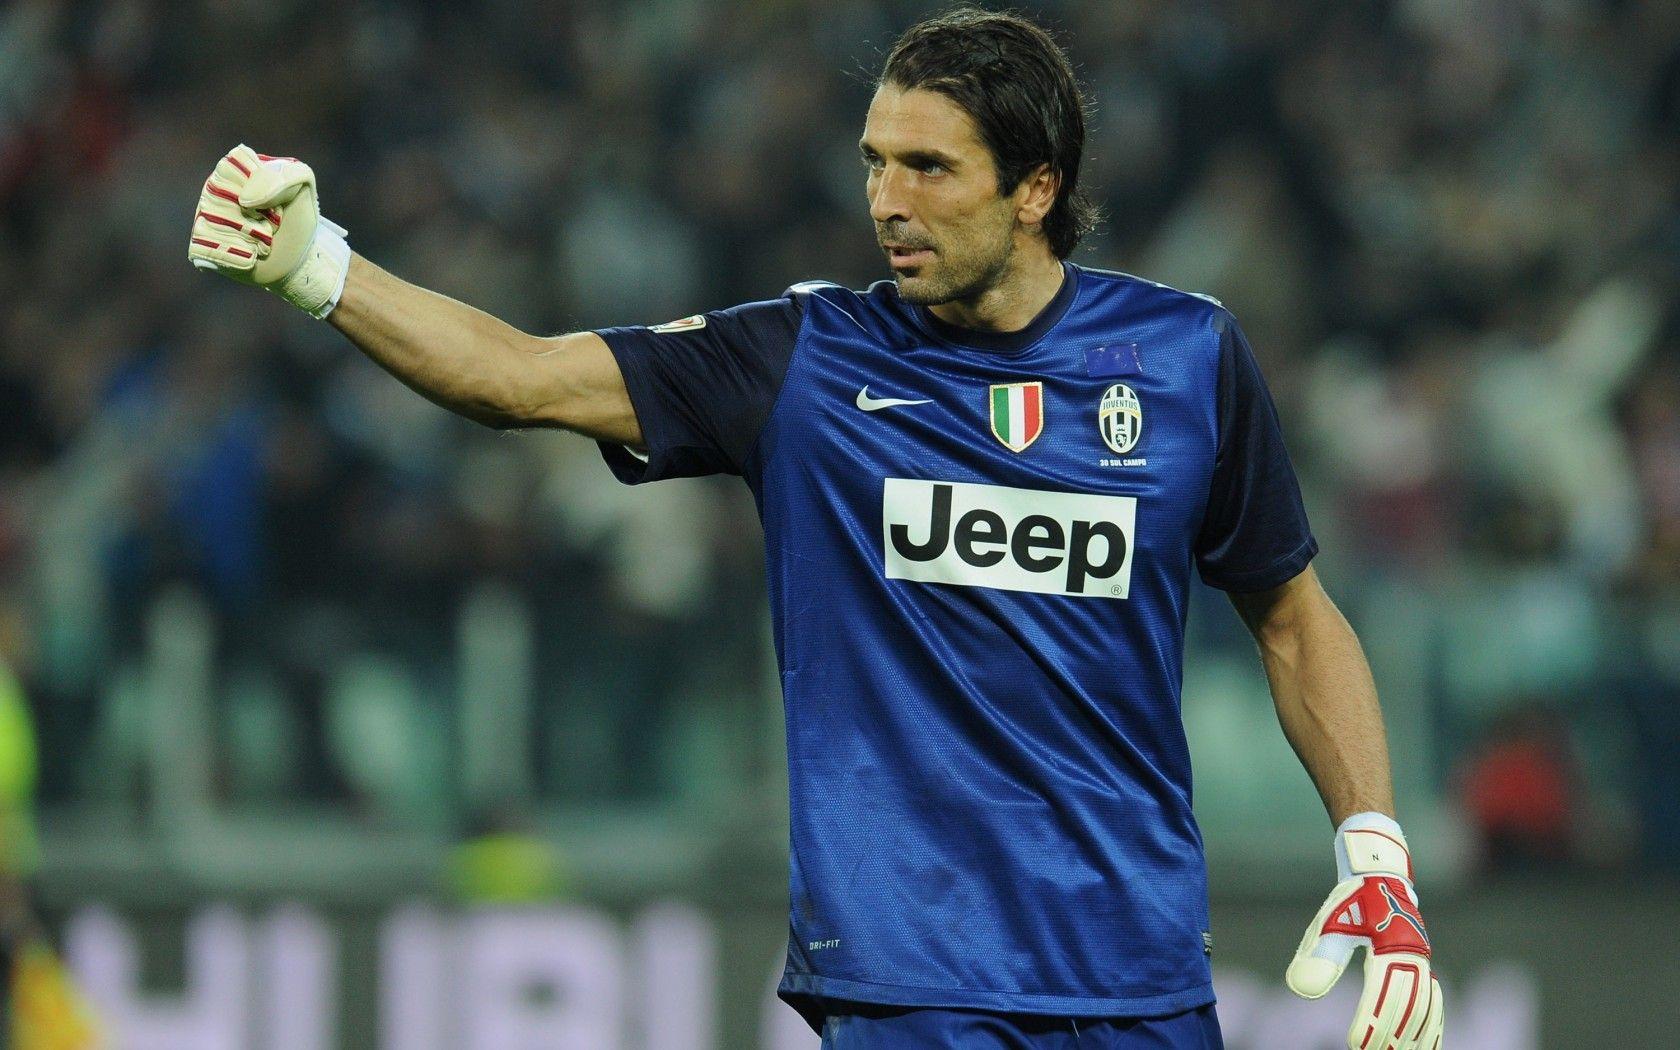 Gianluigi Buffon, Juventus, Series A, Goalkeeper, Master, - Gg Buffon 1080 X 720 , HD Wallpaper & Backgrounds